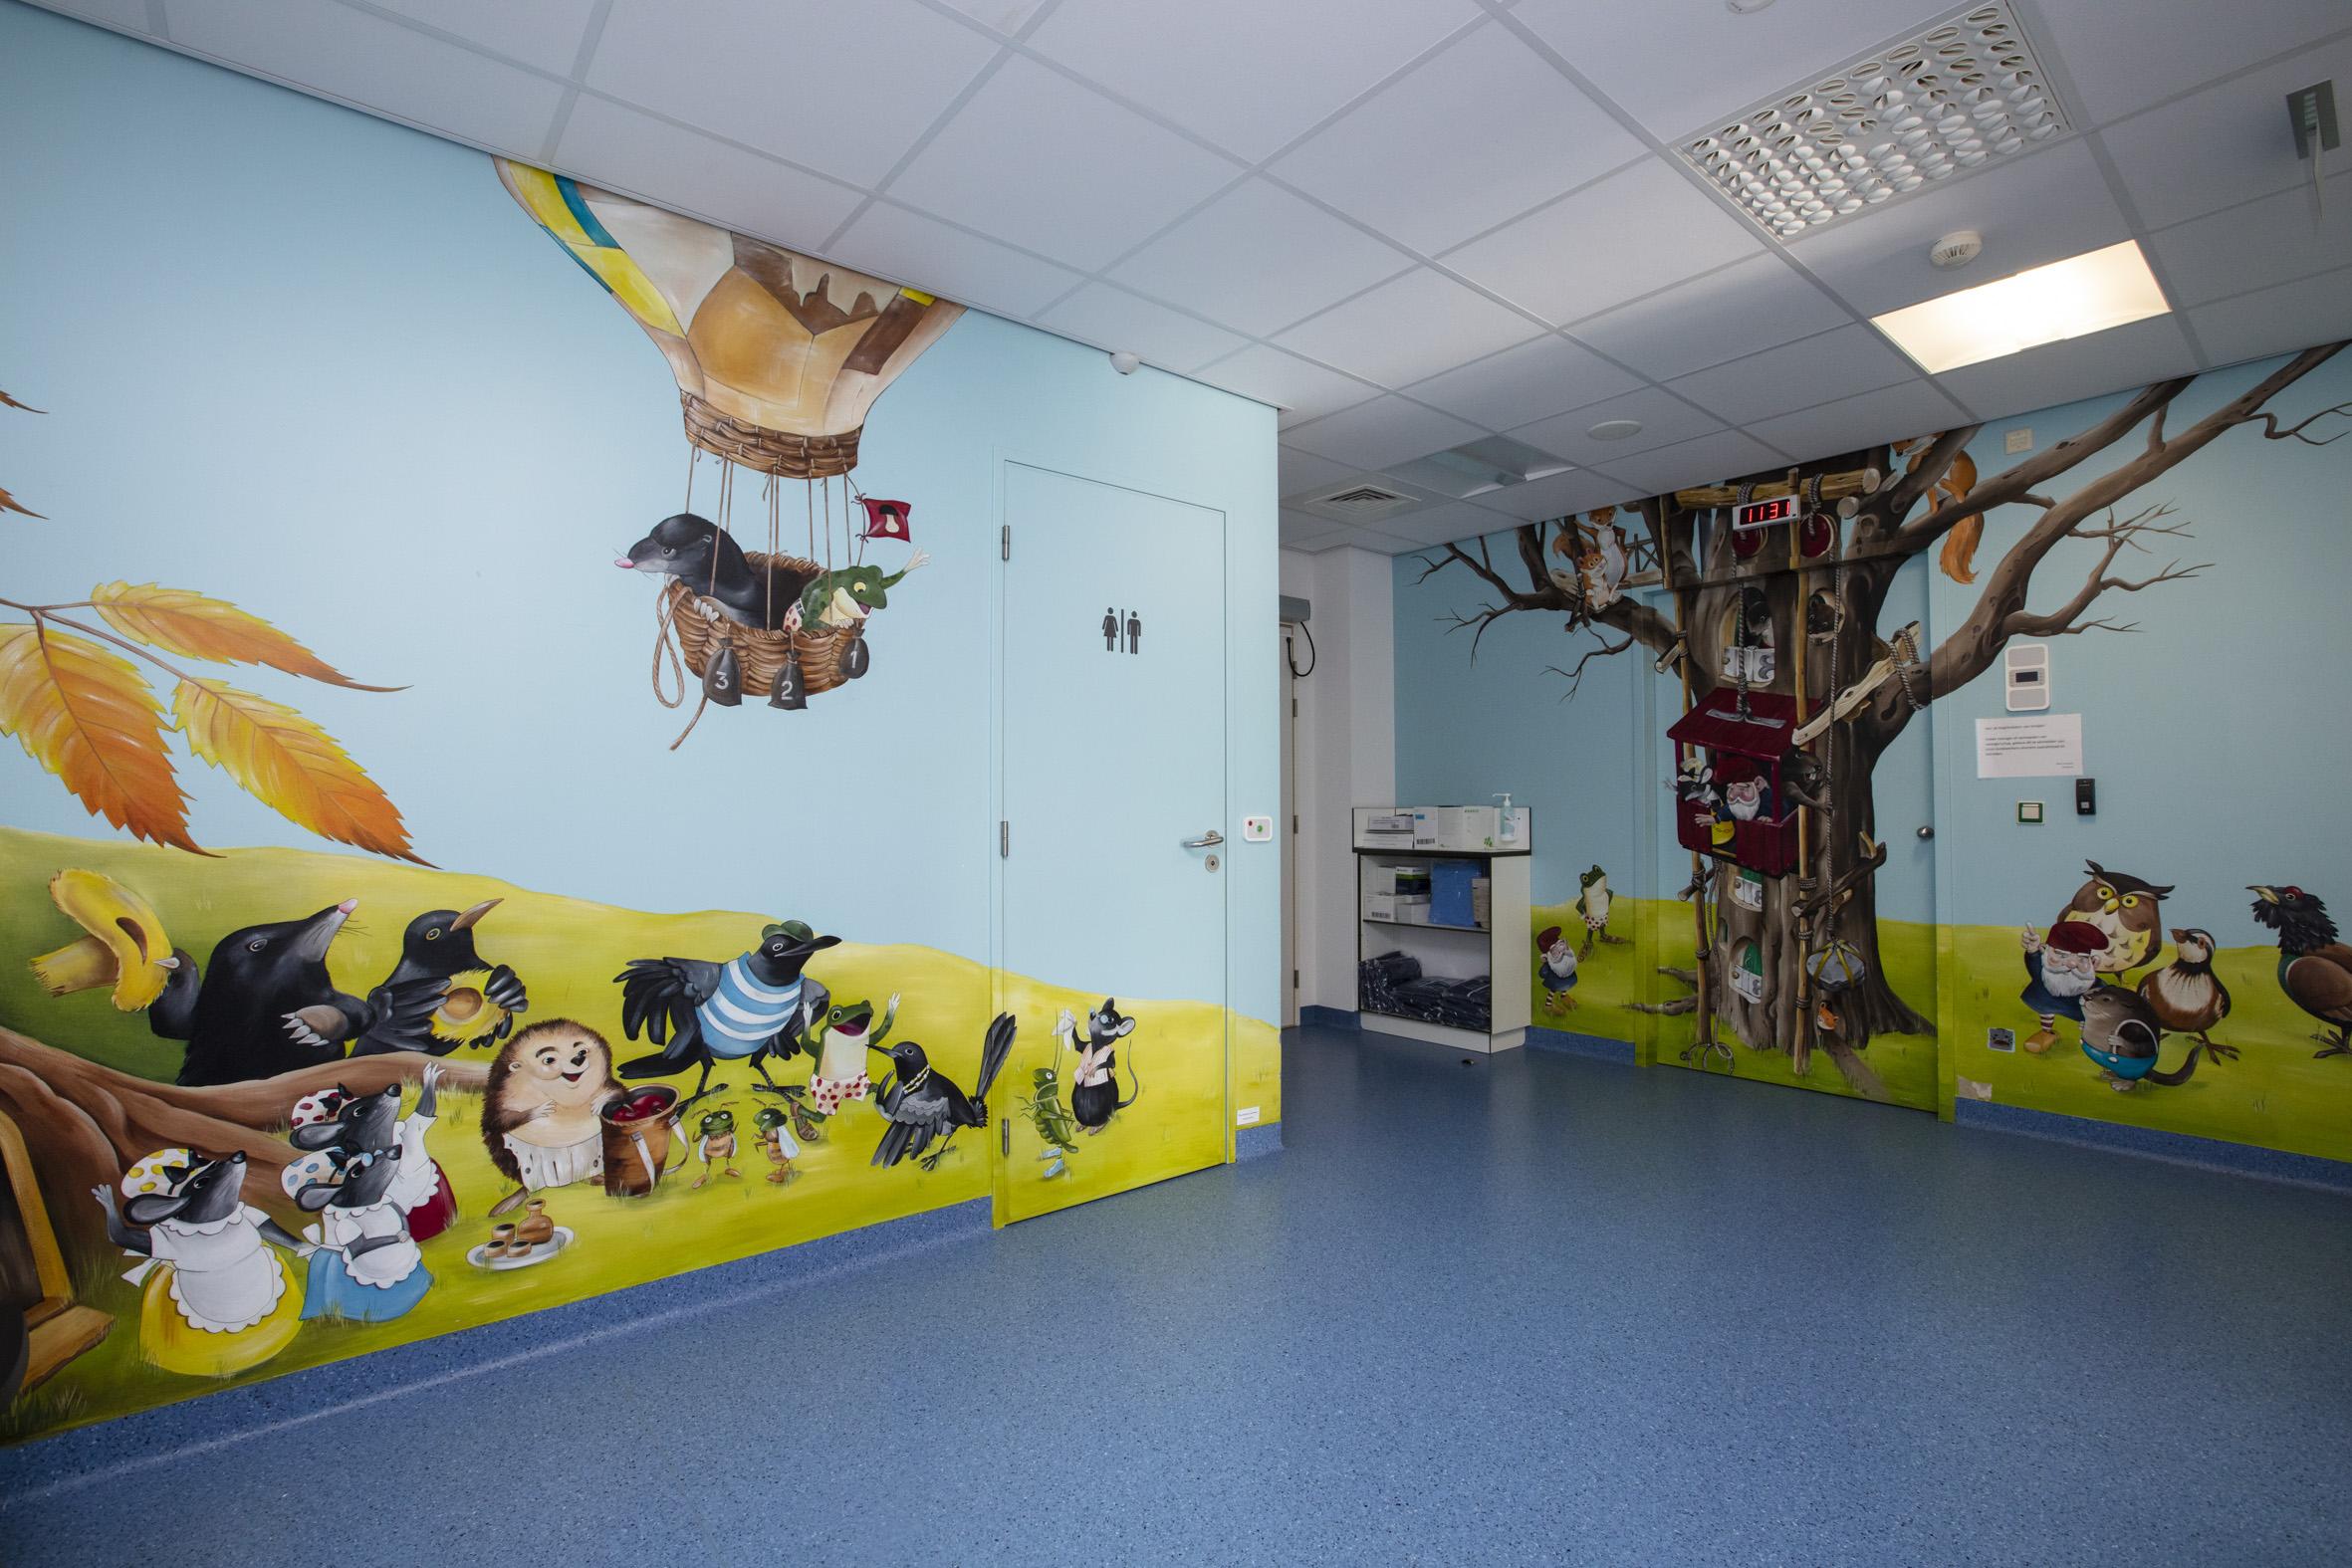 Wachtzaal kinderdagziekenhuis1.jpg